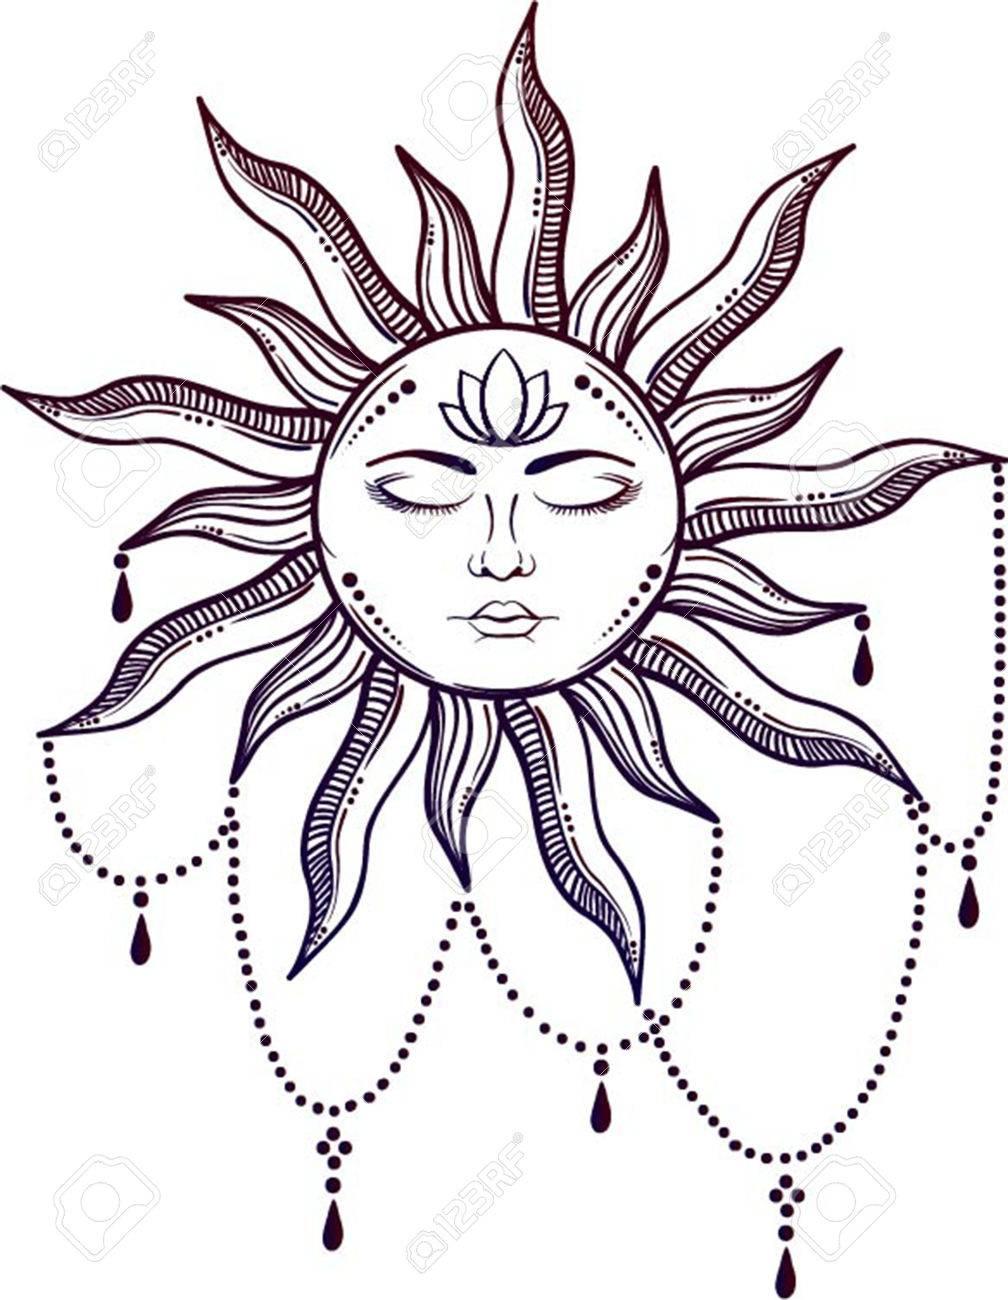 Symbole Elegant Et Elegant Du Visage Du Soleil Creation De Tatouage